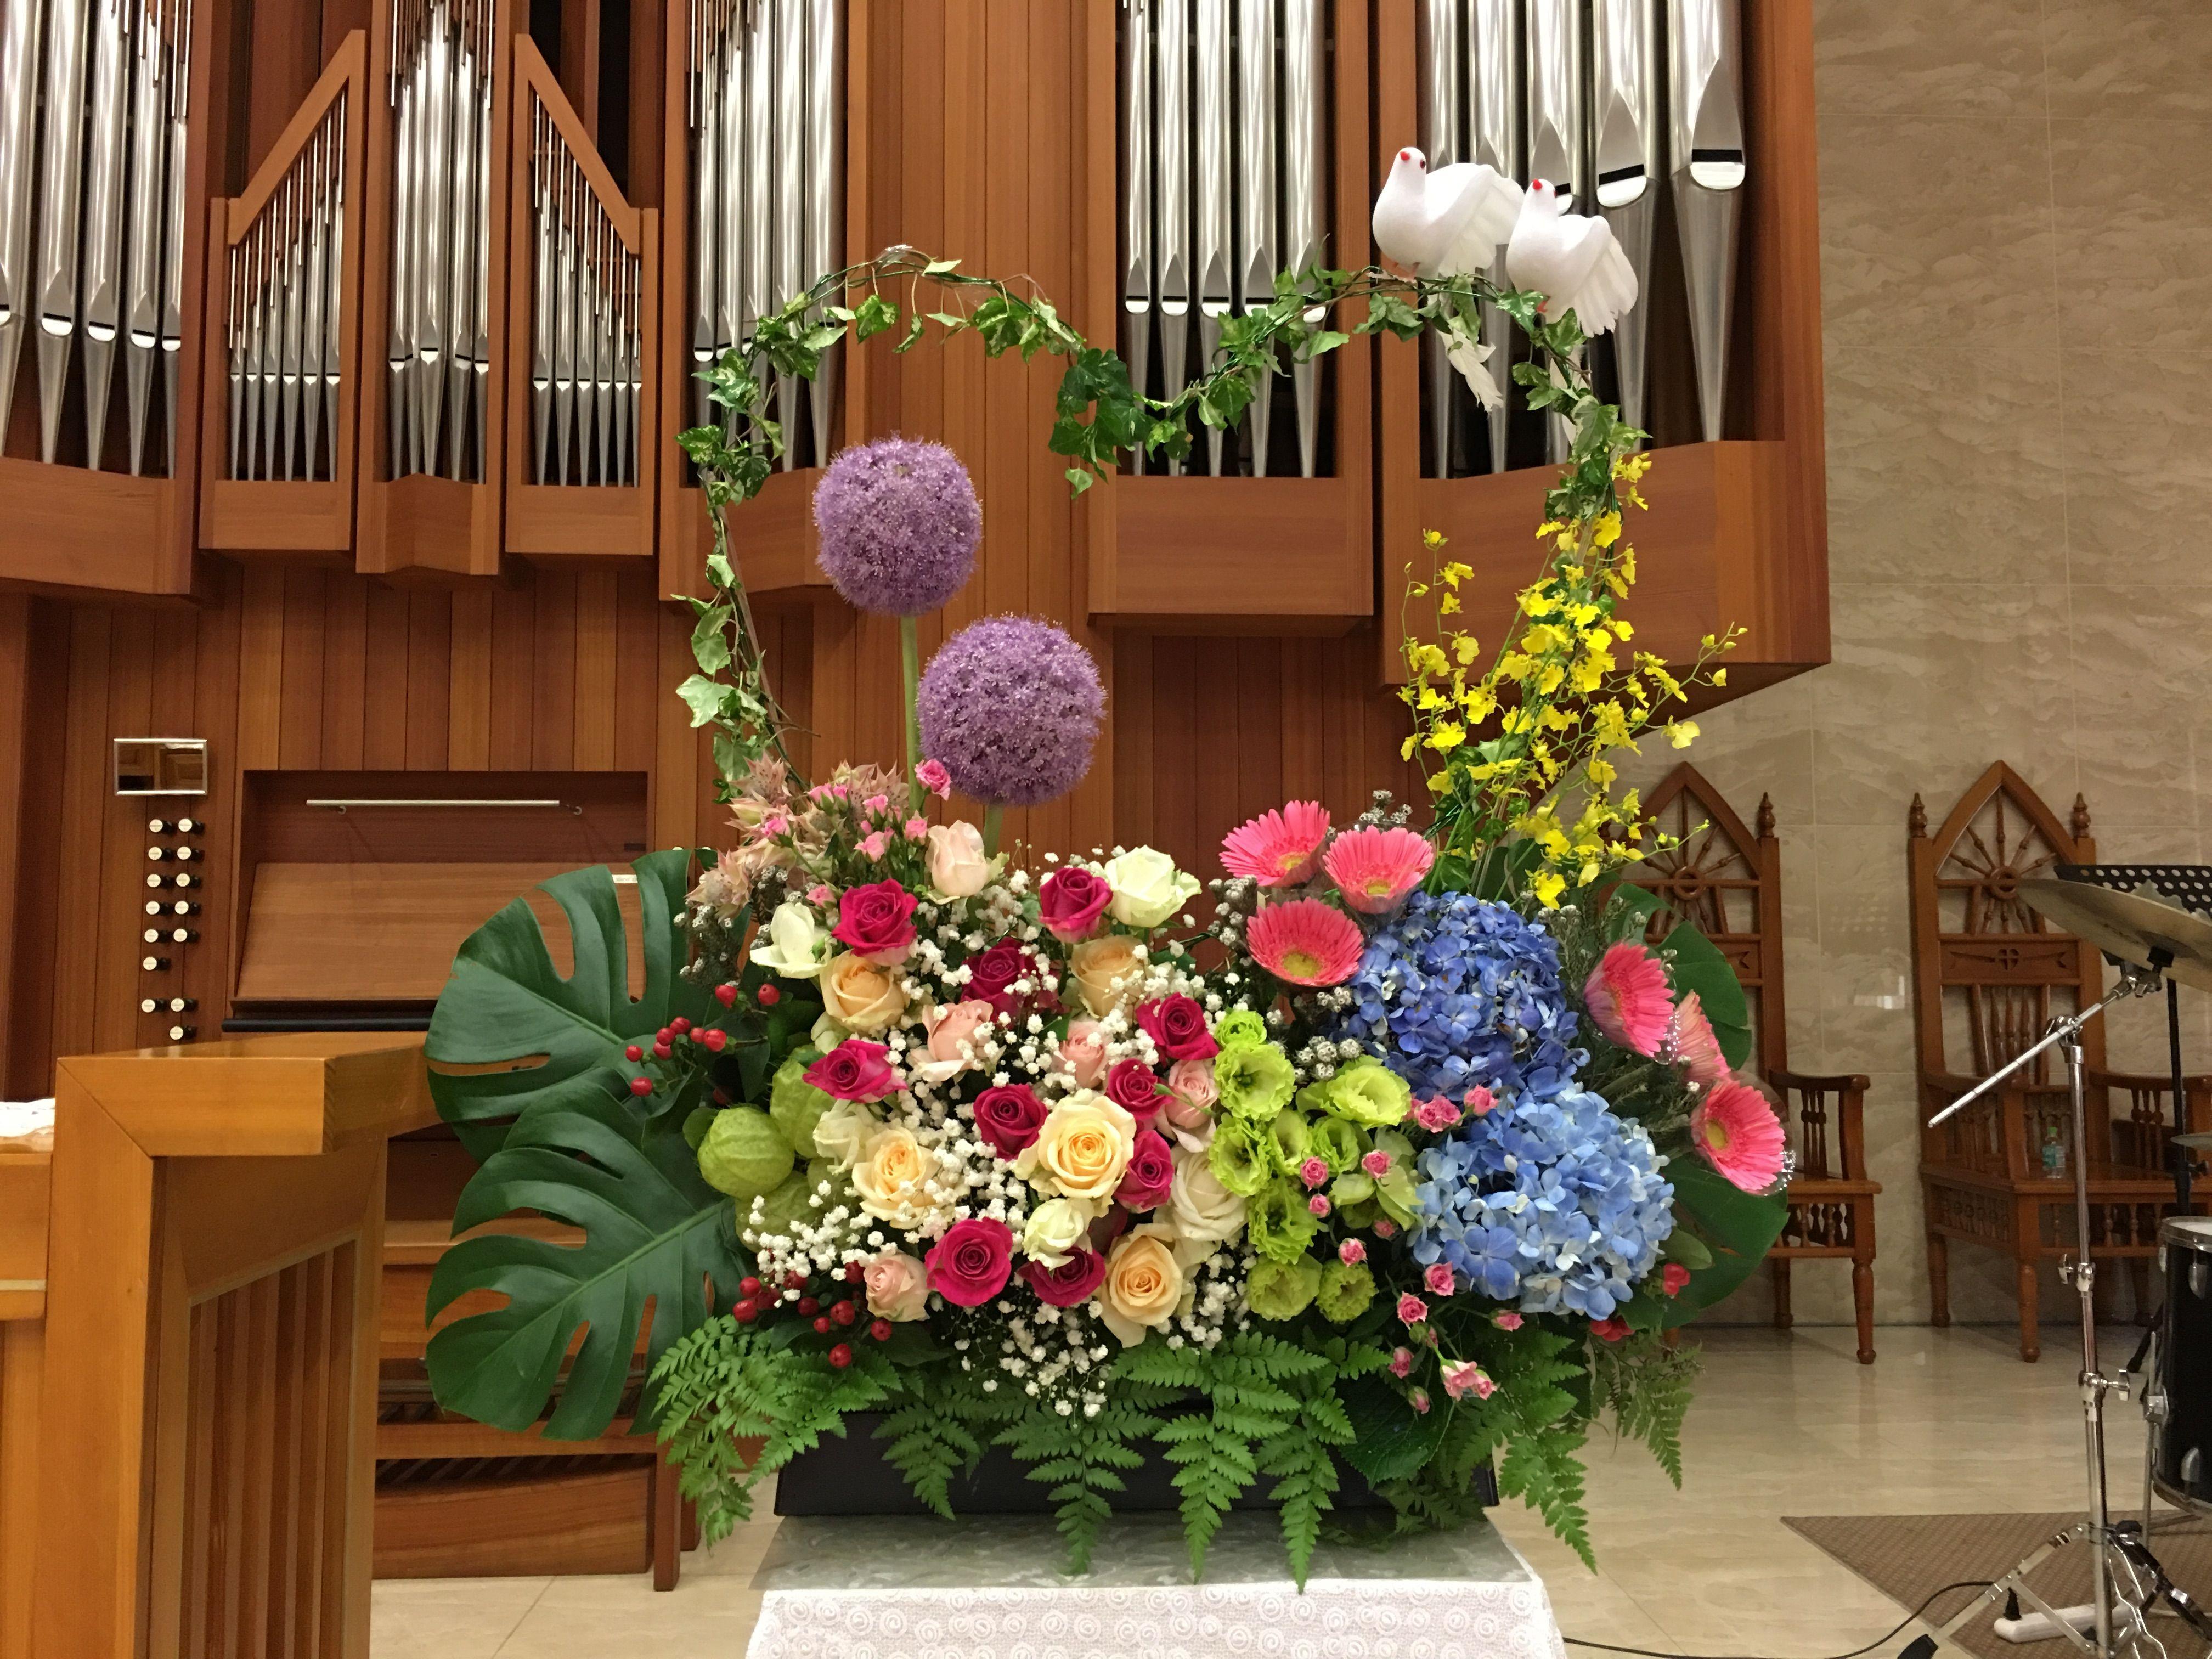 2019.06.29 婚禮插花 02 Wedding Flower arrangements for the